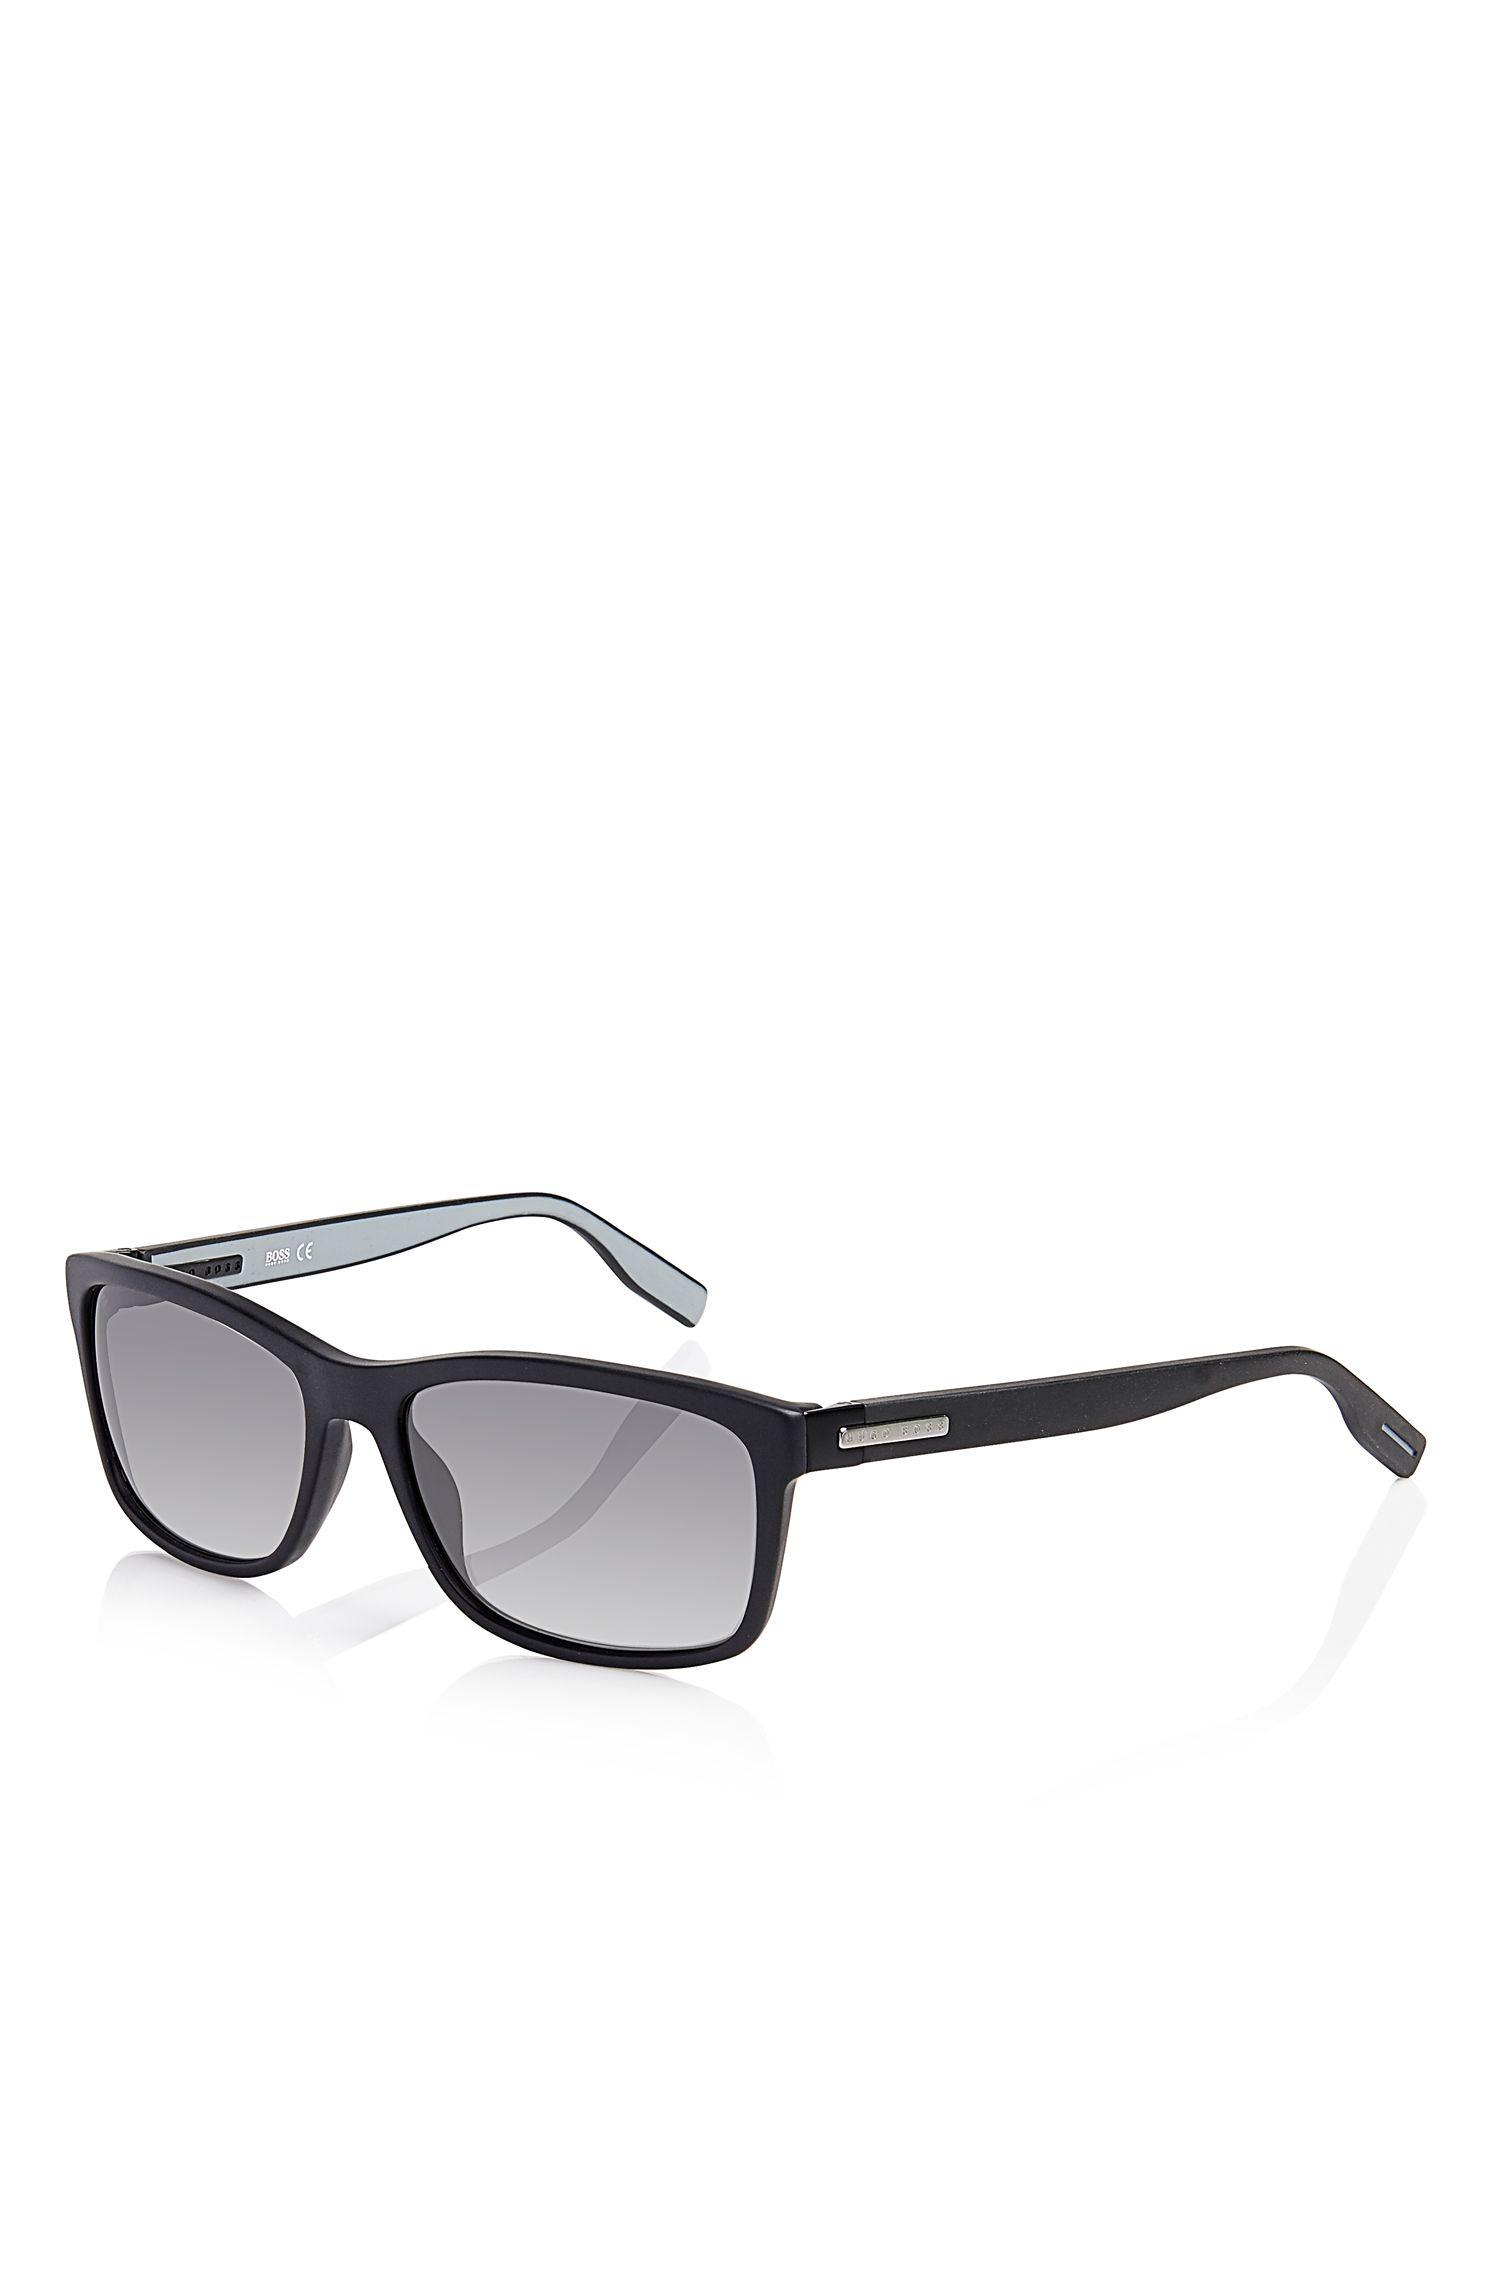 'Sunglasses' | Two Tone Acetate Sunglasses